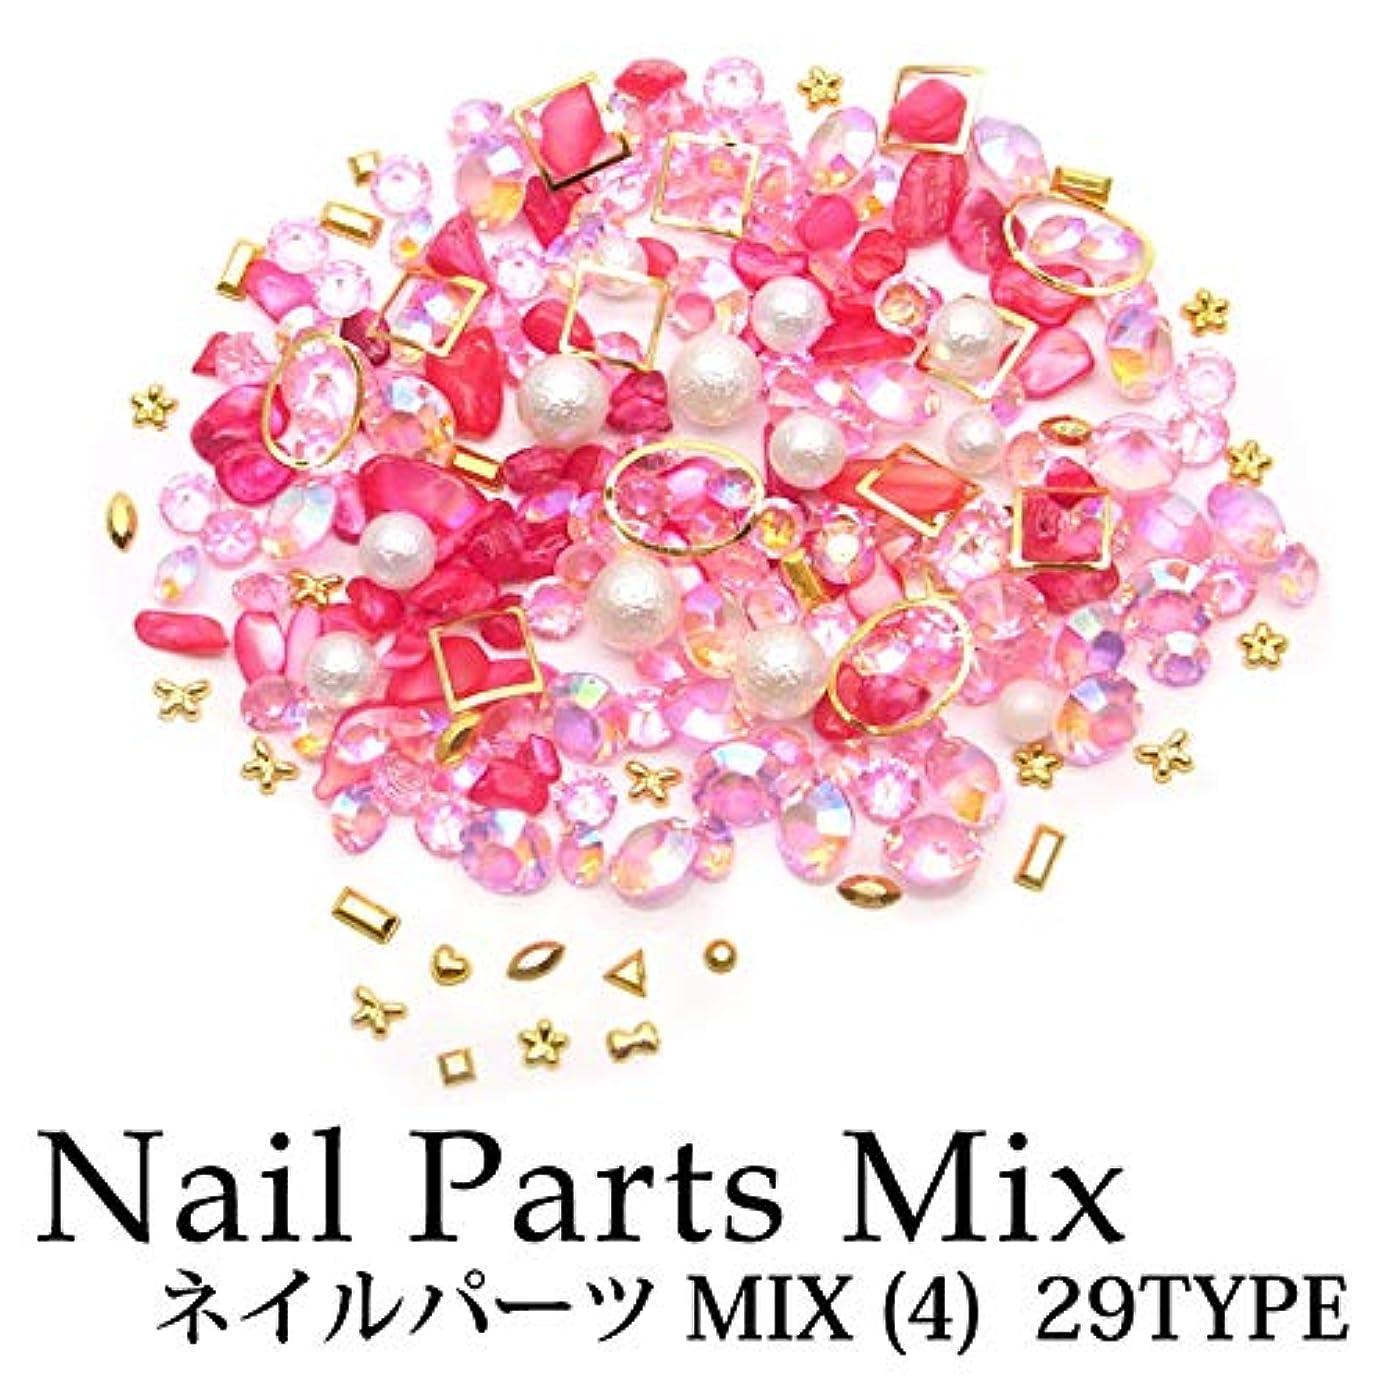 ライバル損傷割るネイルパーツ MIX (4) 29種 (21.ライトブルー系)